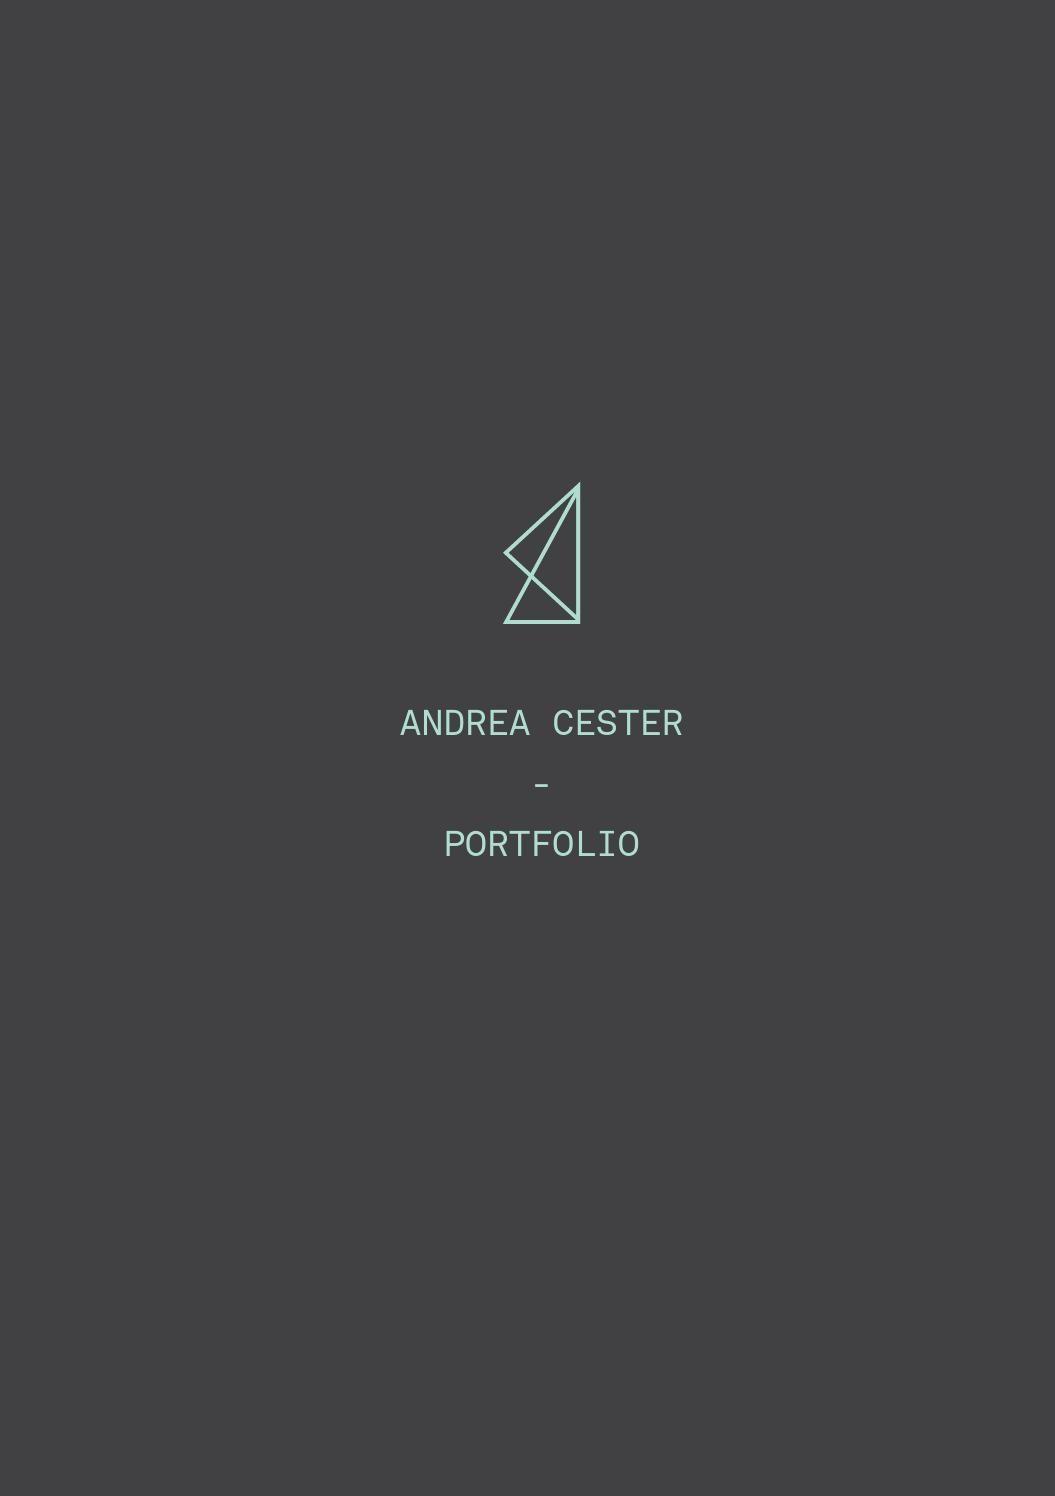 Andrea Cester portfolio   arch inspo    Architecture